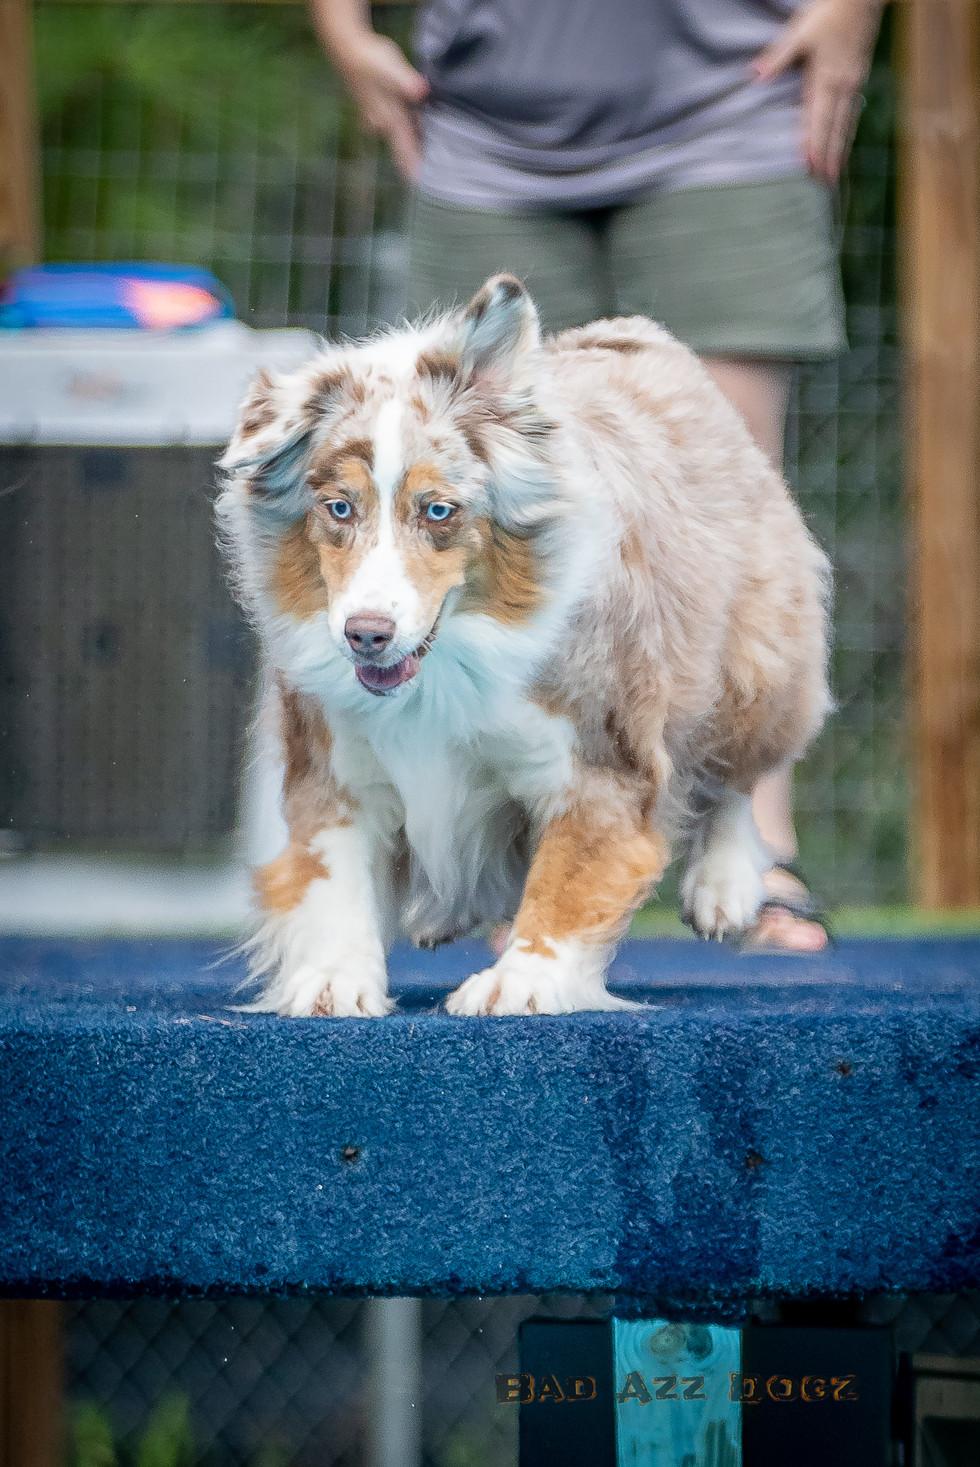 Dogwalker-Sep14-2019-182